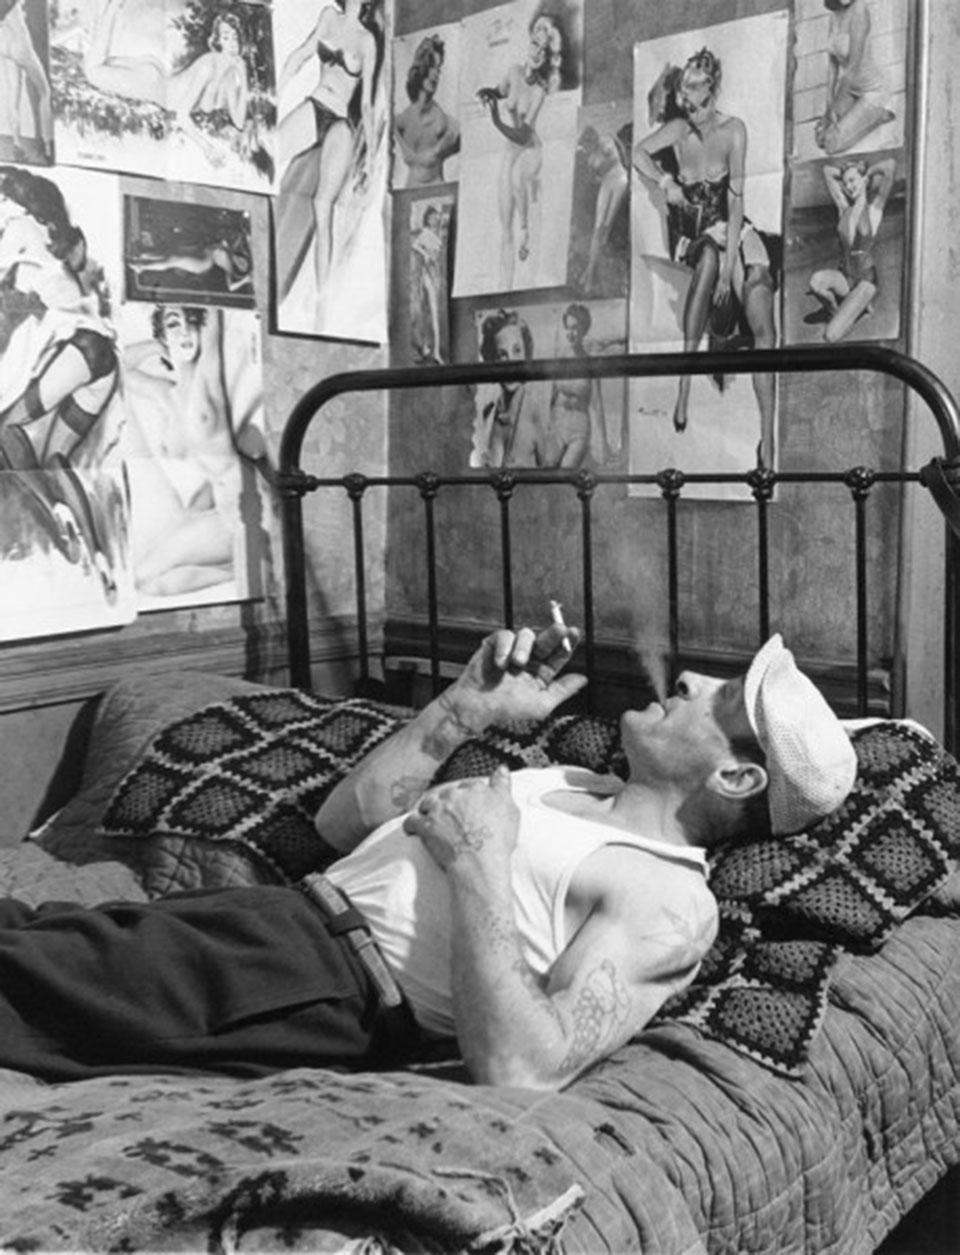 Criaturas de ensueño, Paris 19521